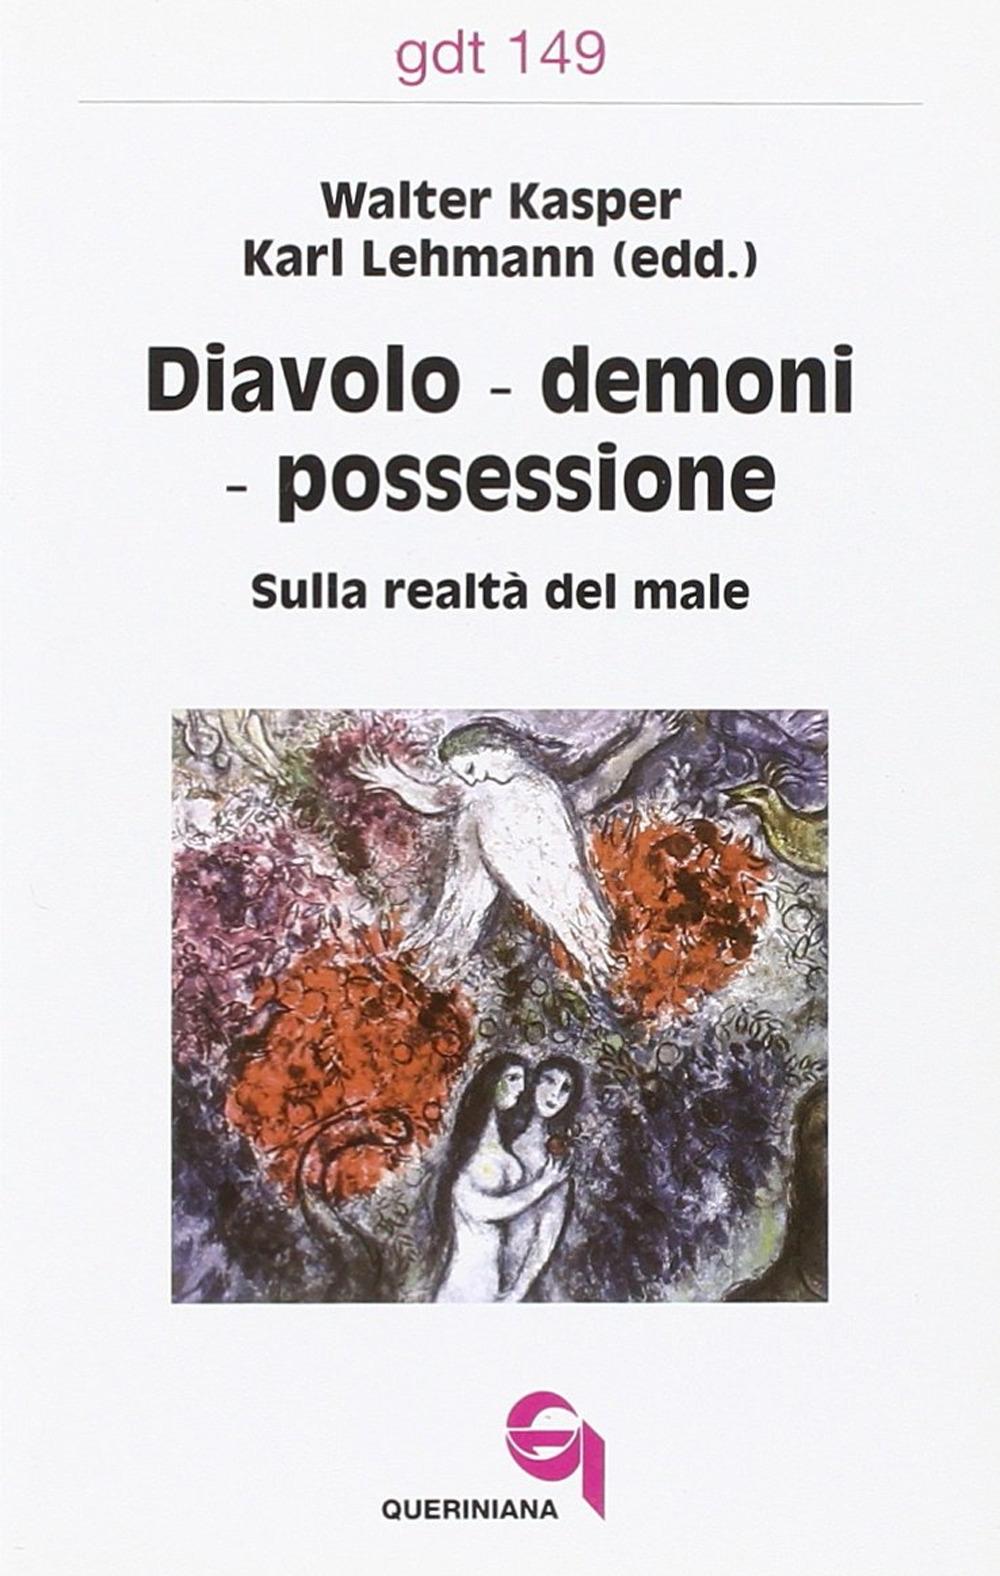 Diavoli, demoni, possessione. Sulla realtà del male